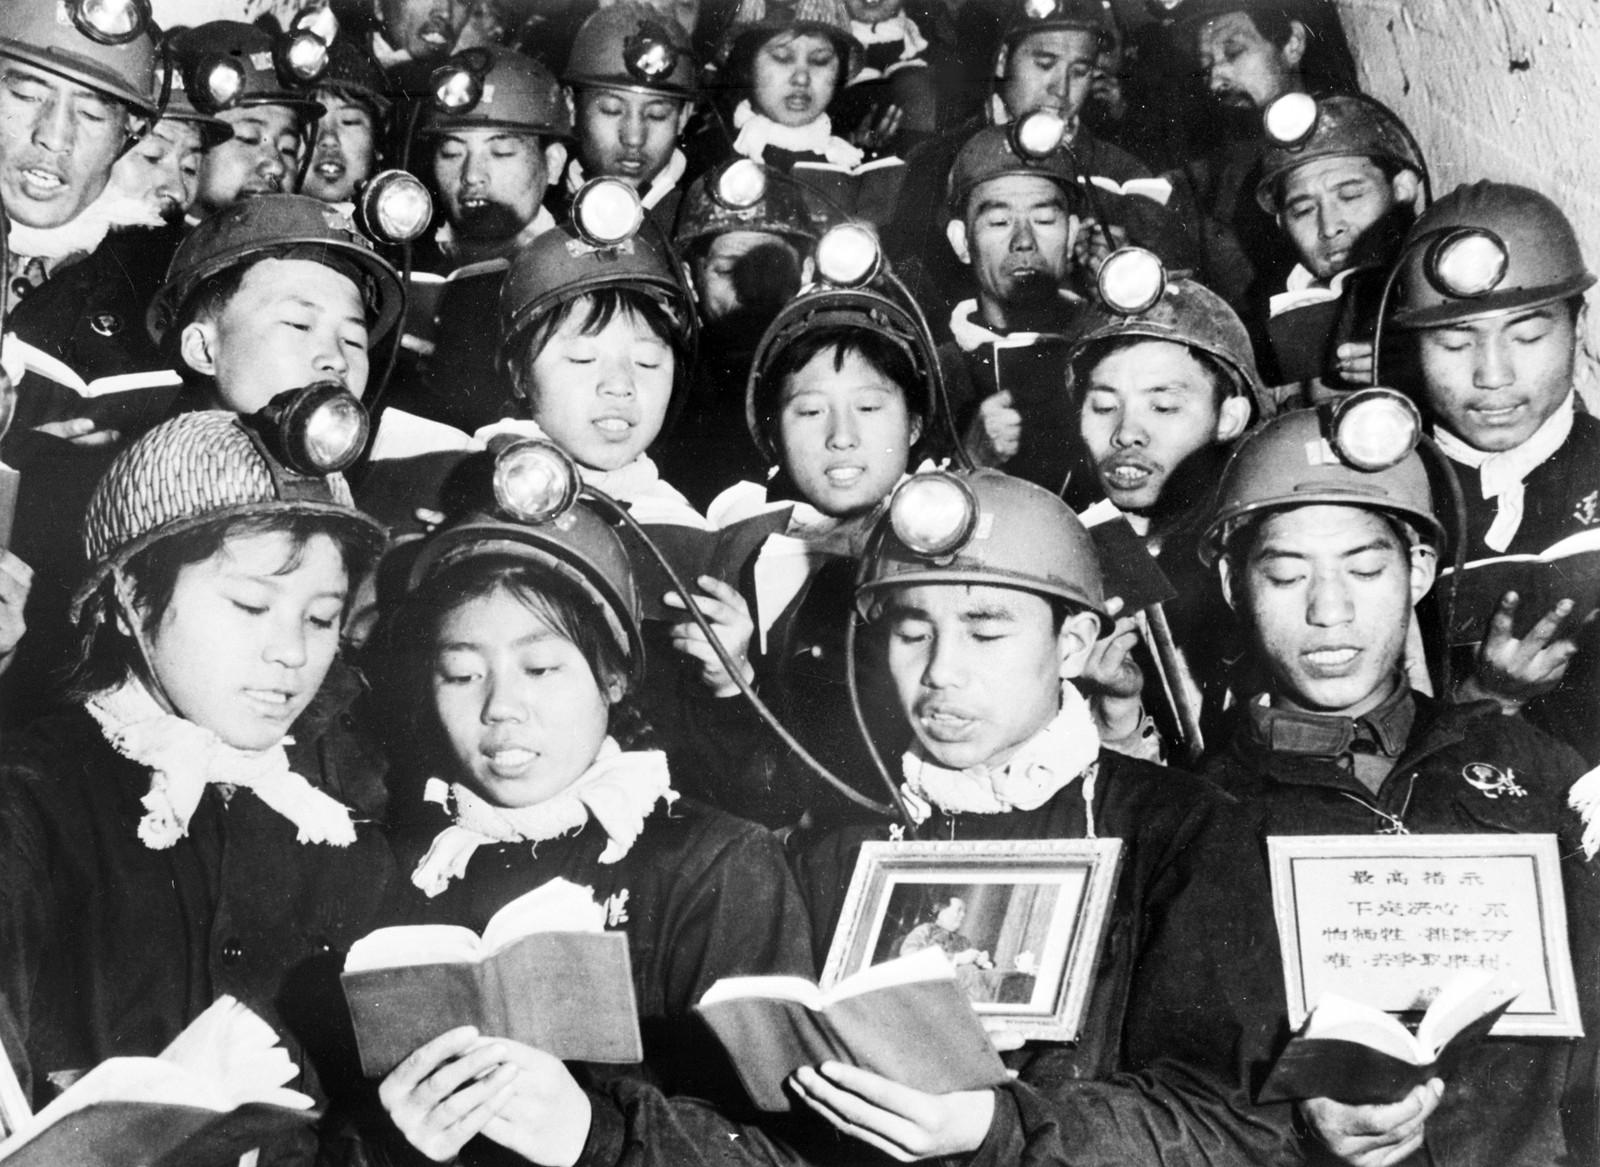 Kullgruvearbeidere med «Maos lille røde» under kulturrevolusjonen.